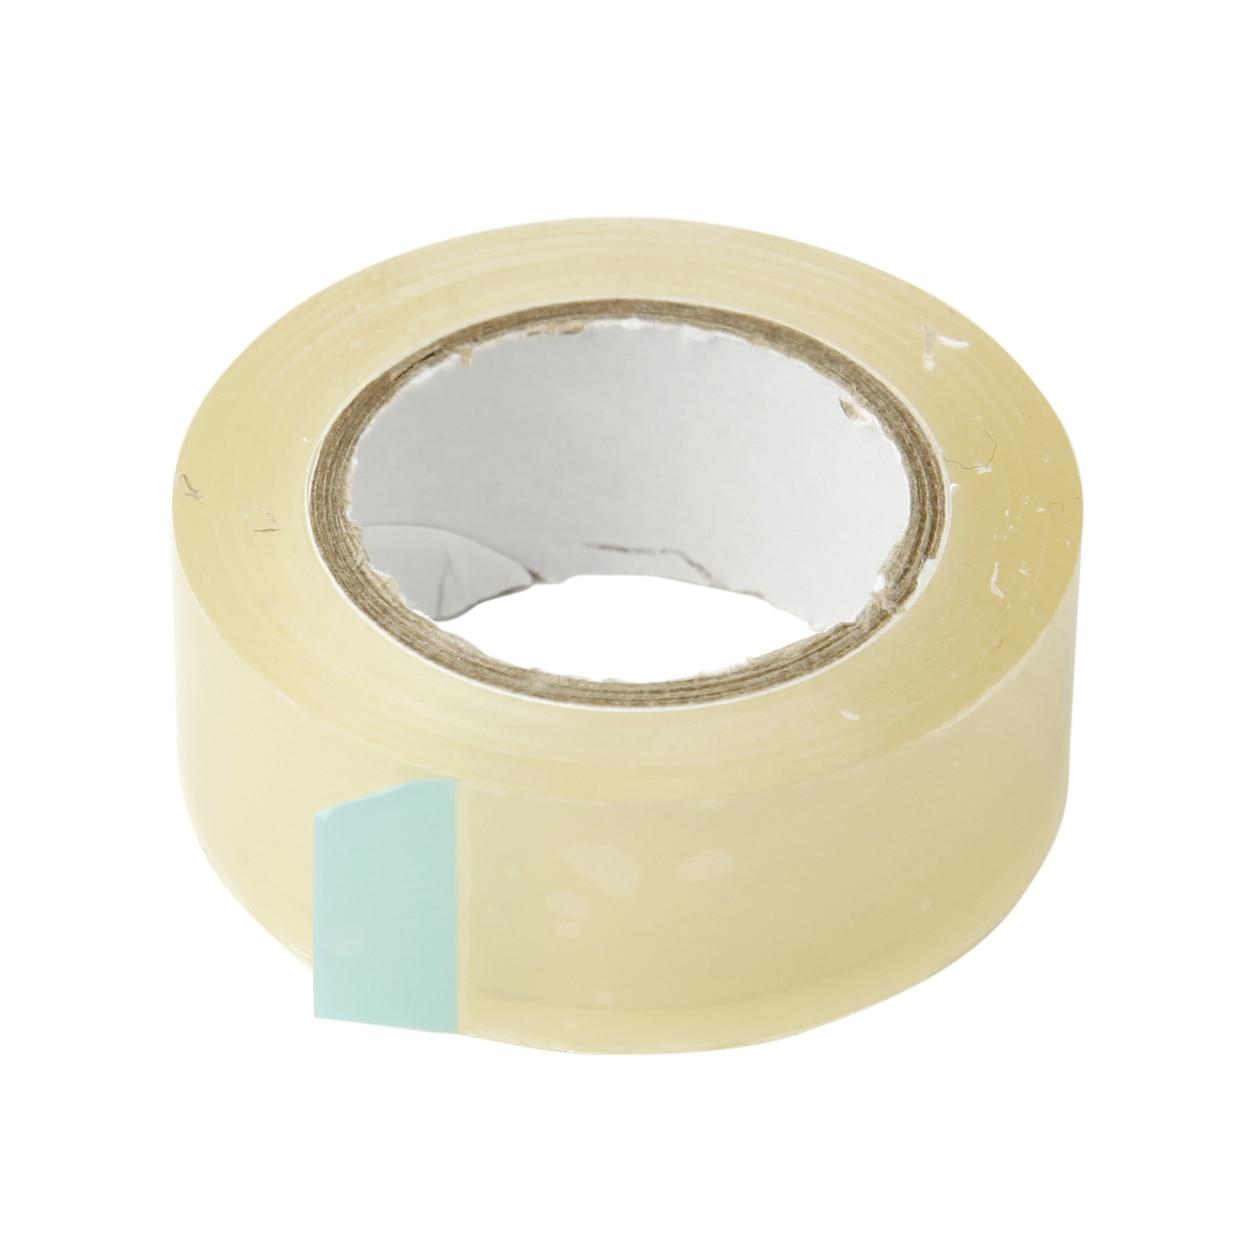 セロハン粘着テープ